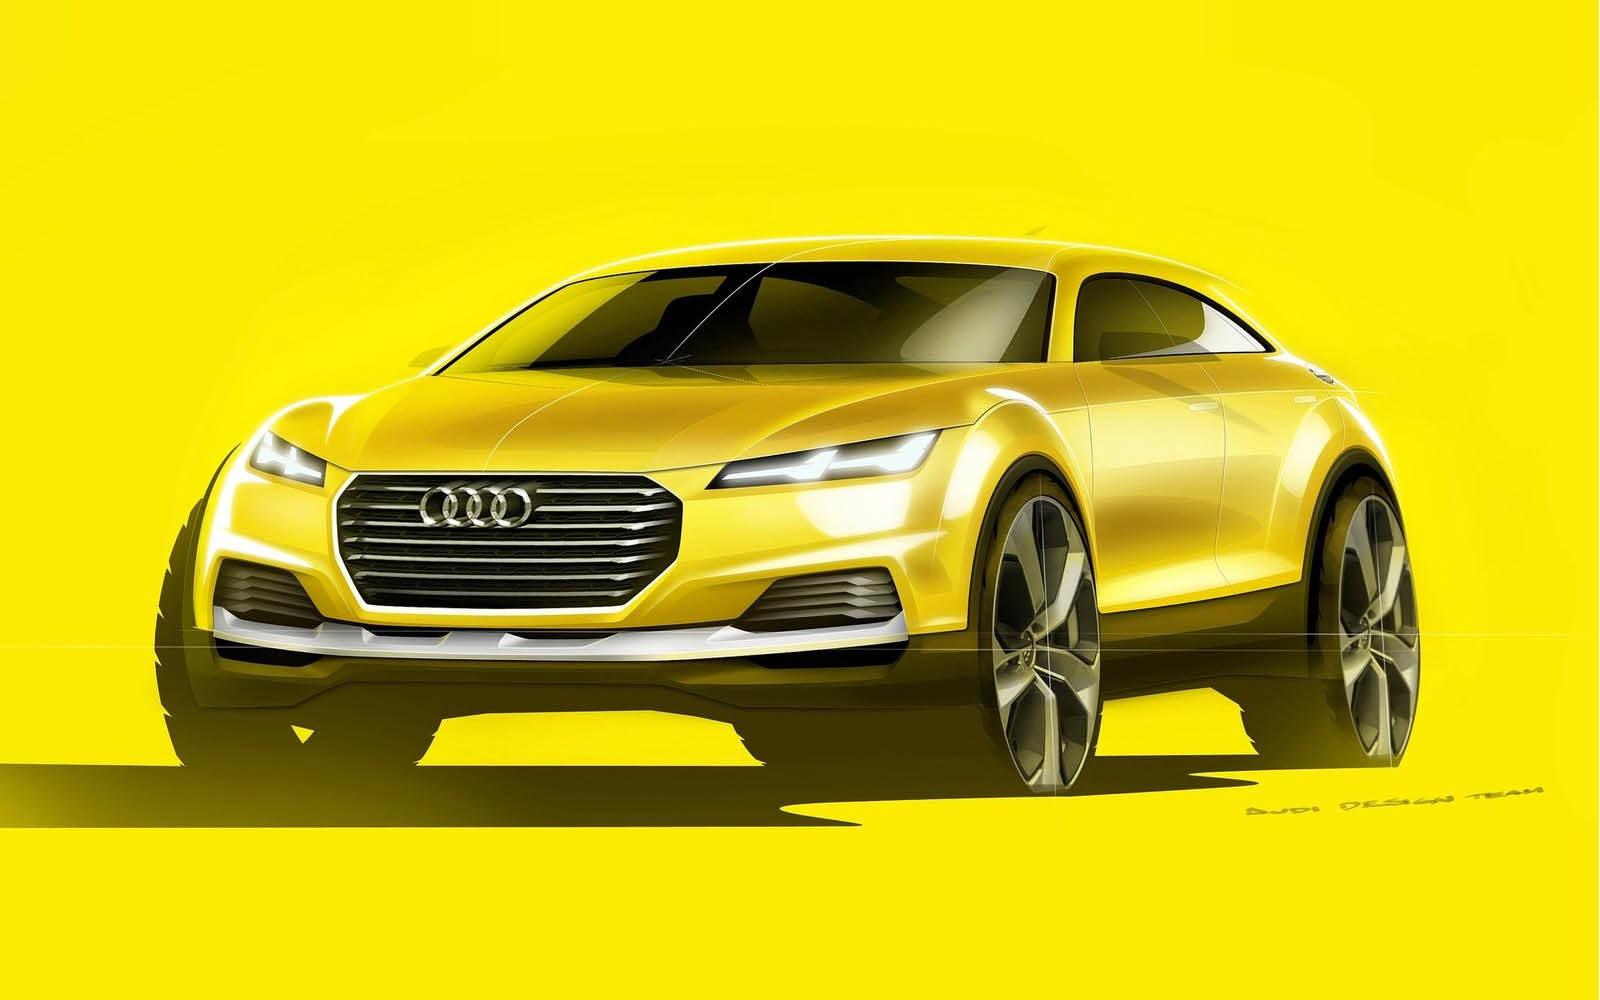 Audi Tt Offroad Concept 12 15